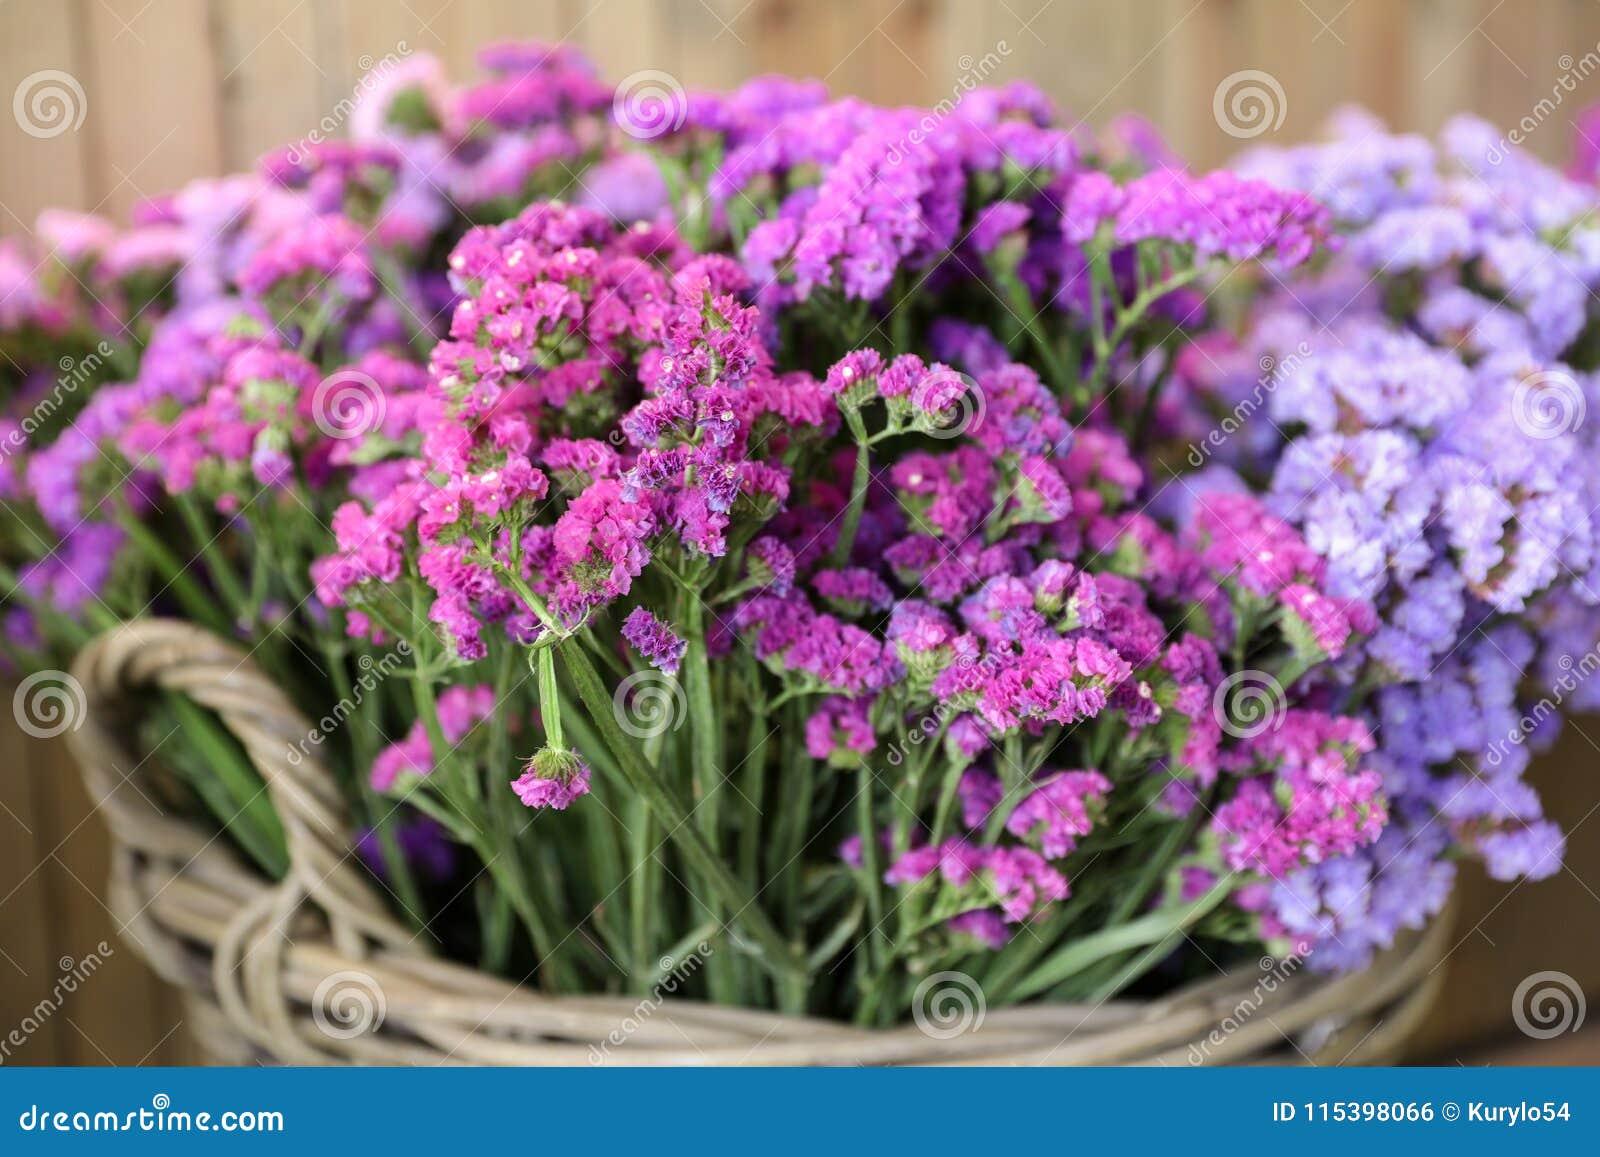 I en variation för vide- korg av limoniumsinuatum- eller staticesalem blommor i rosa färger shoppar lilan, violetta färger i träd